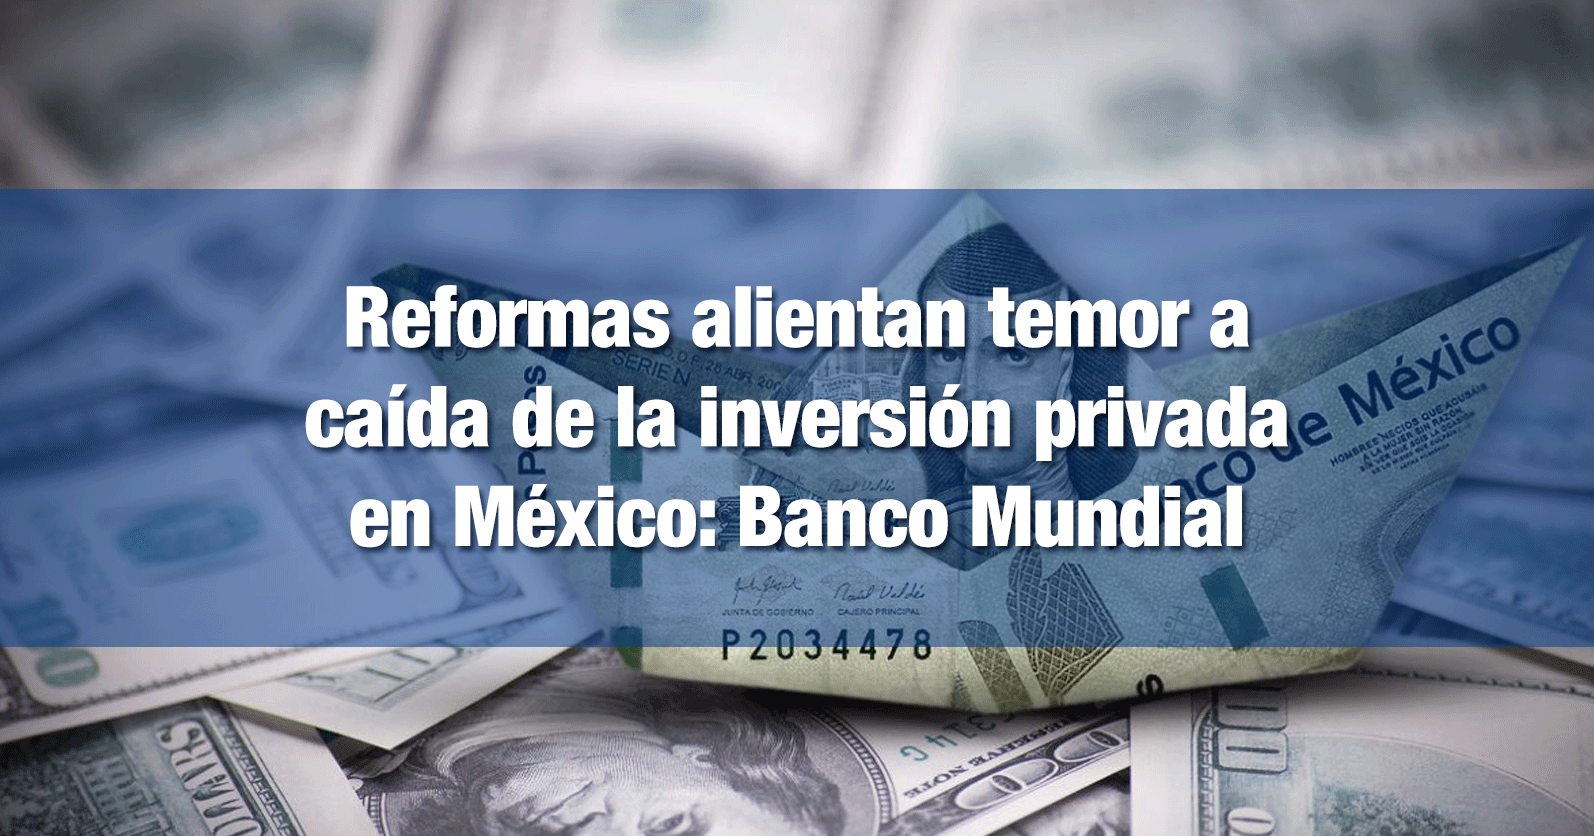 Reformas alientan temor a caída de la inversión privada en México: Banco Mundial